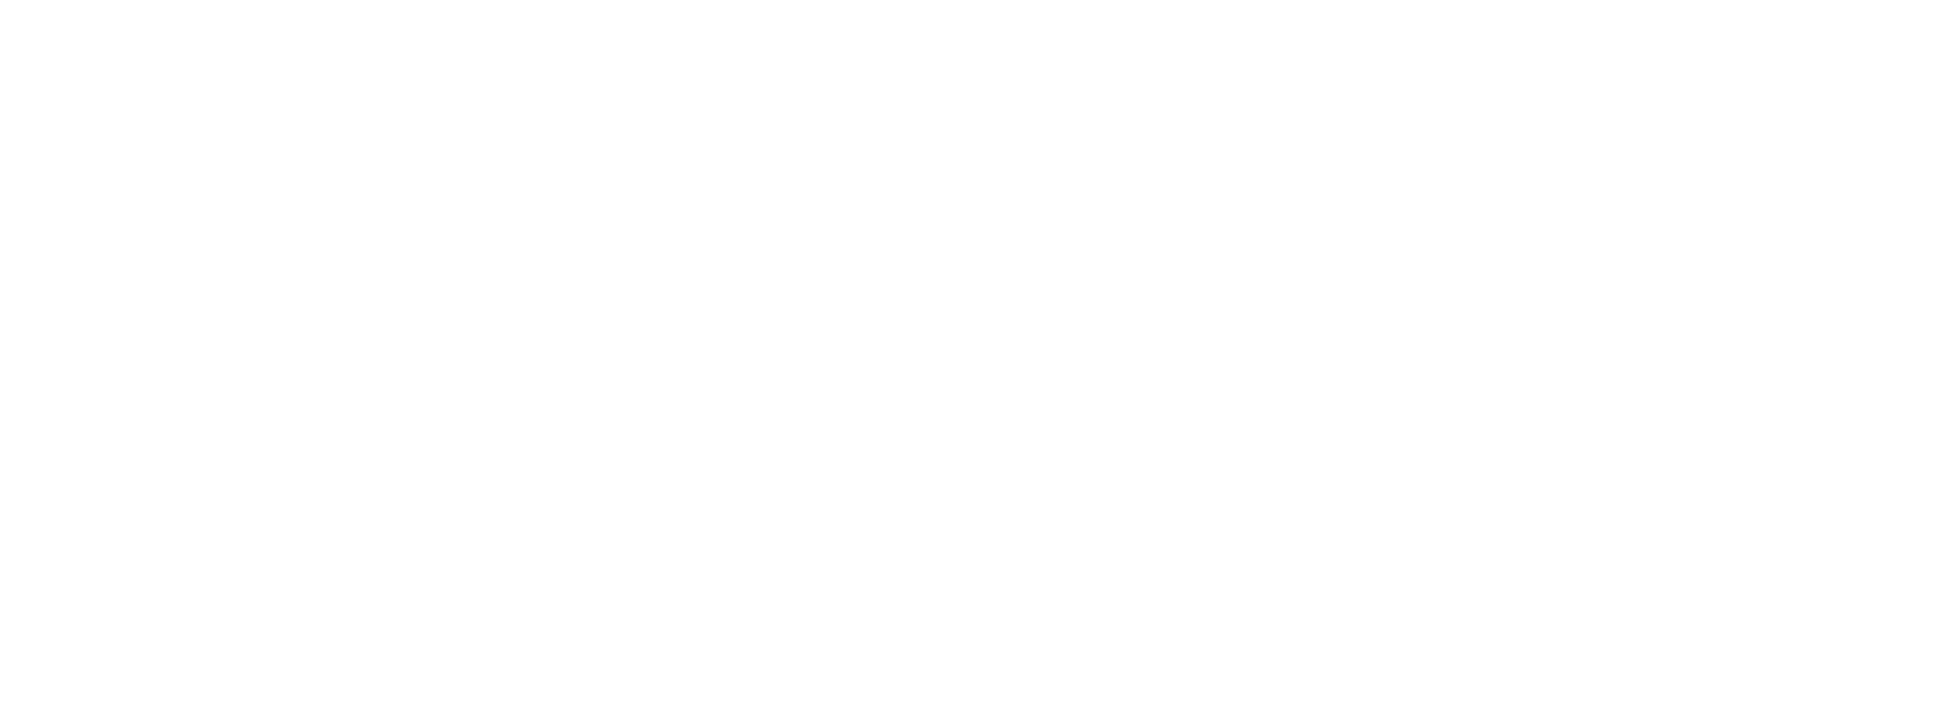 webp.net-compress-image